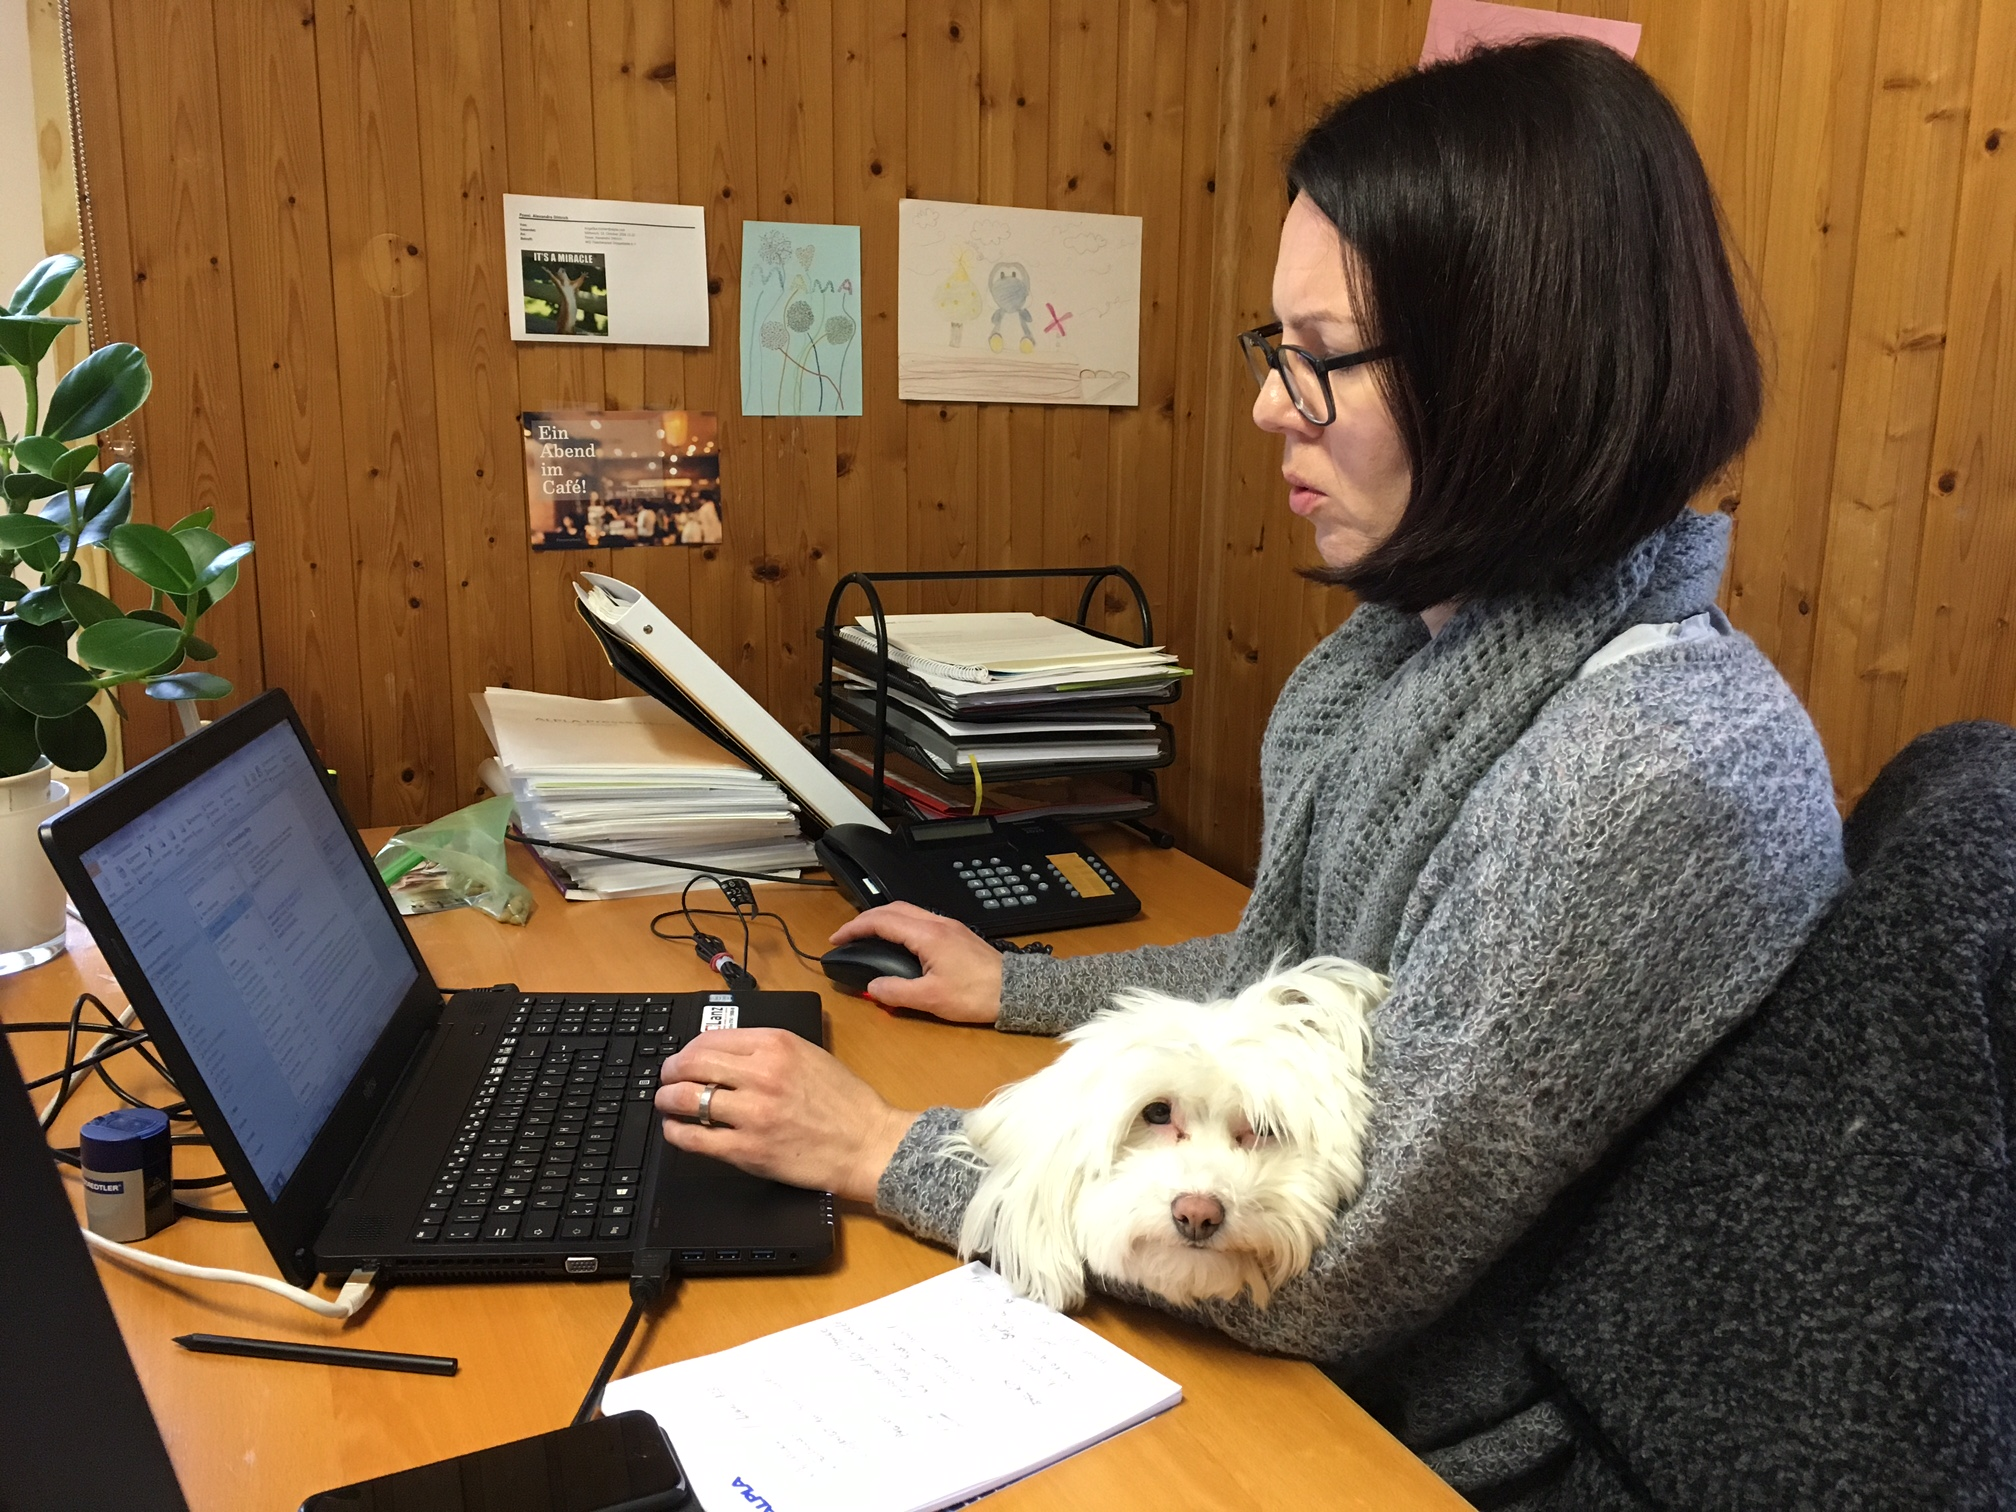 Mit Paula auf dem Schoß geht die Arbeit leichter von der Hand.